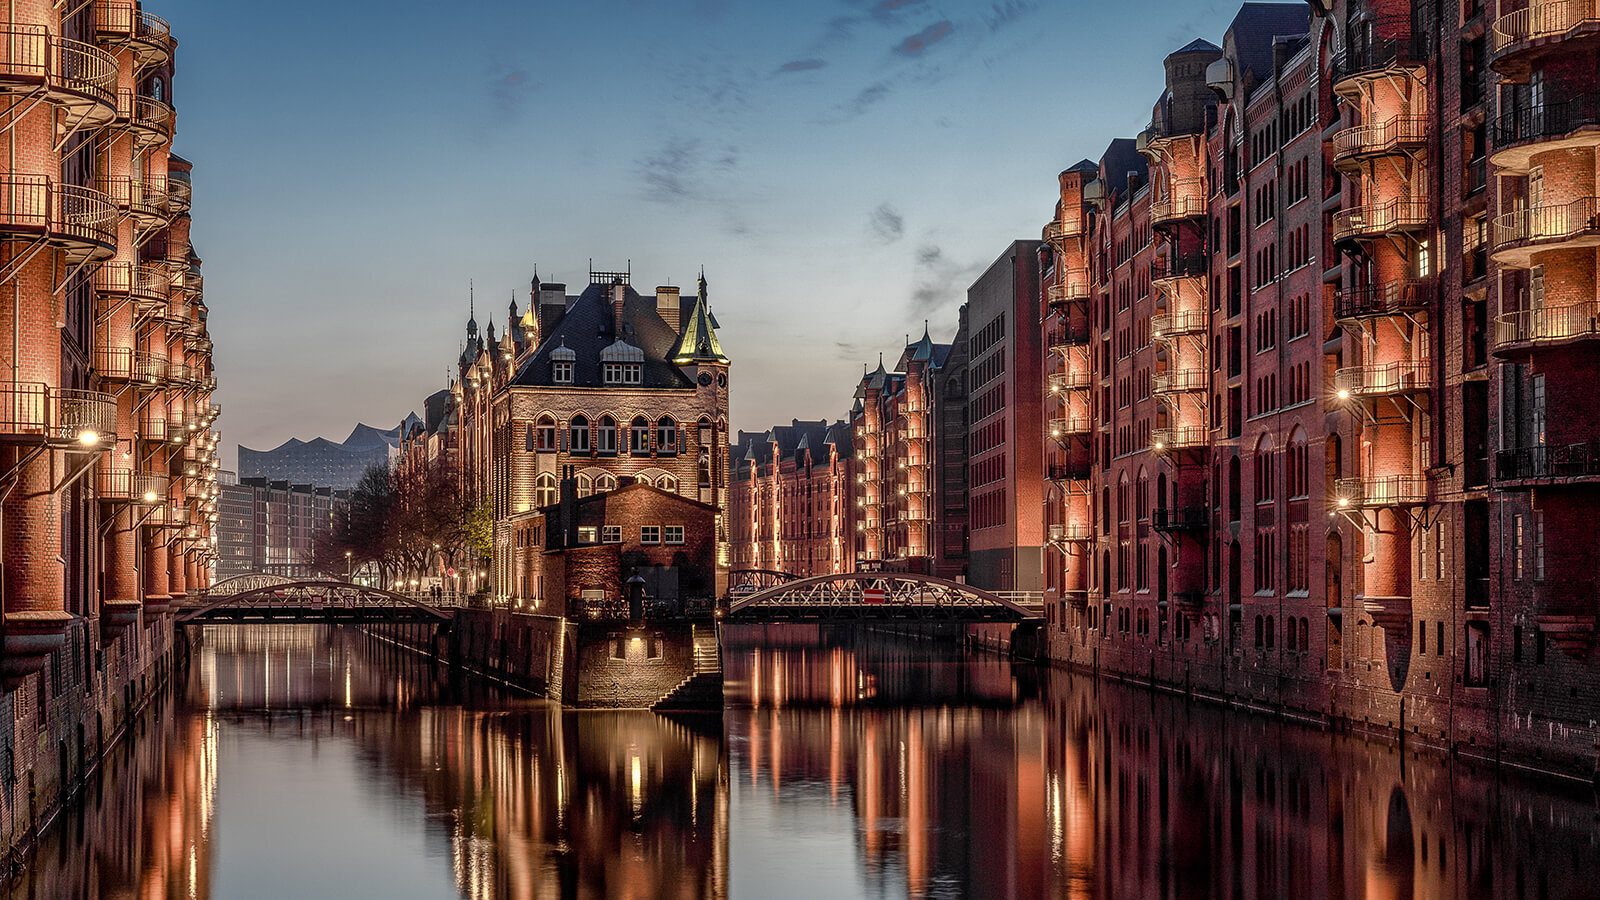 Wasserschloss Hamburg zur blauen Stunde. Fotograf war Florian Läufer aus Hamburg